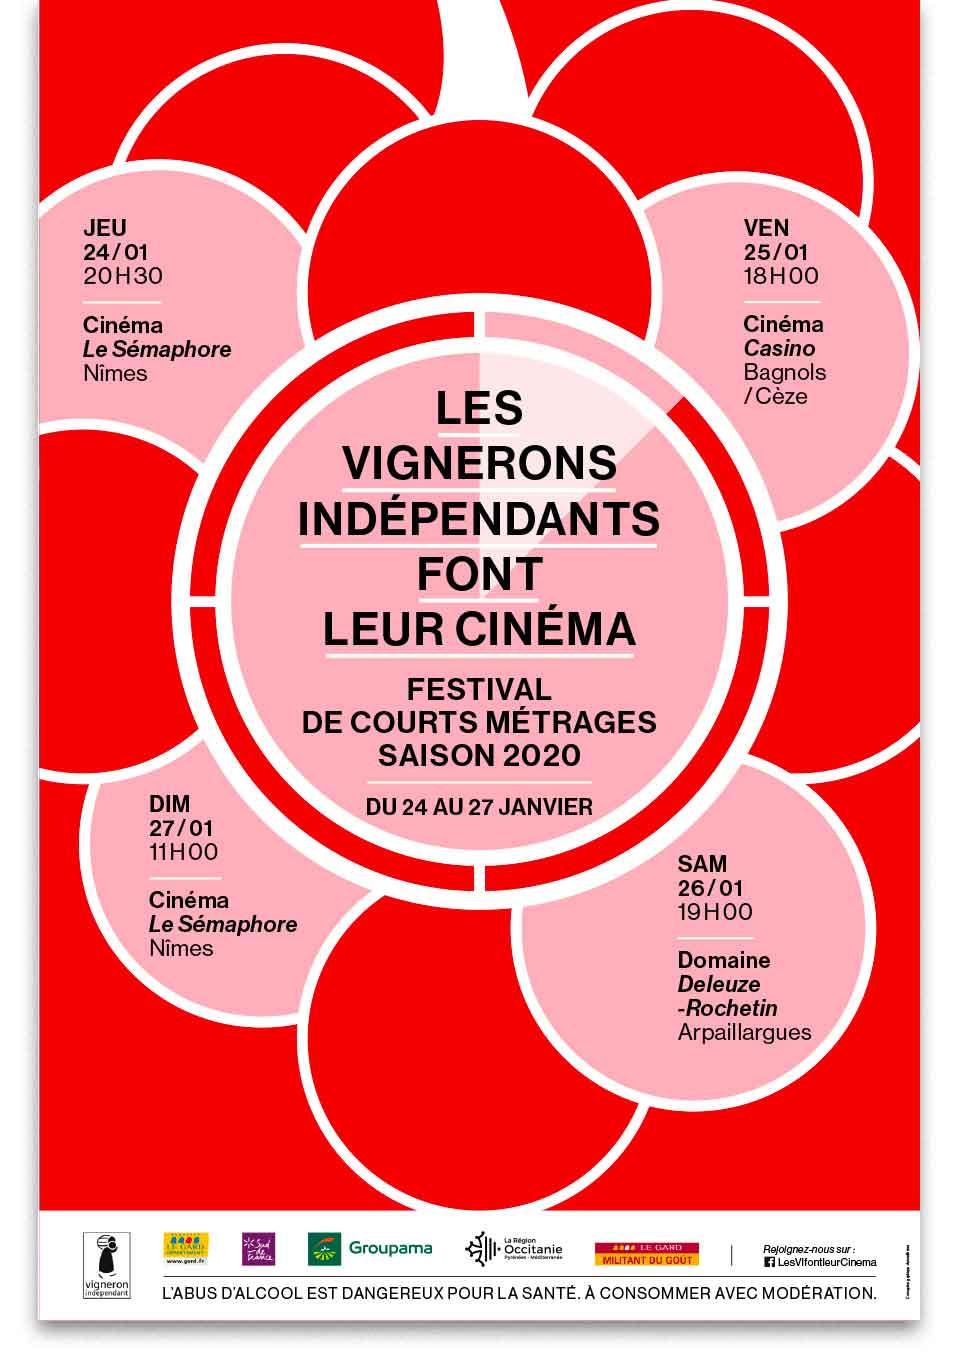 Vignerons-independants_aff2.jpg